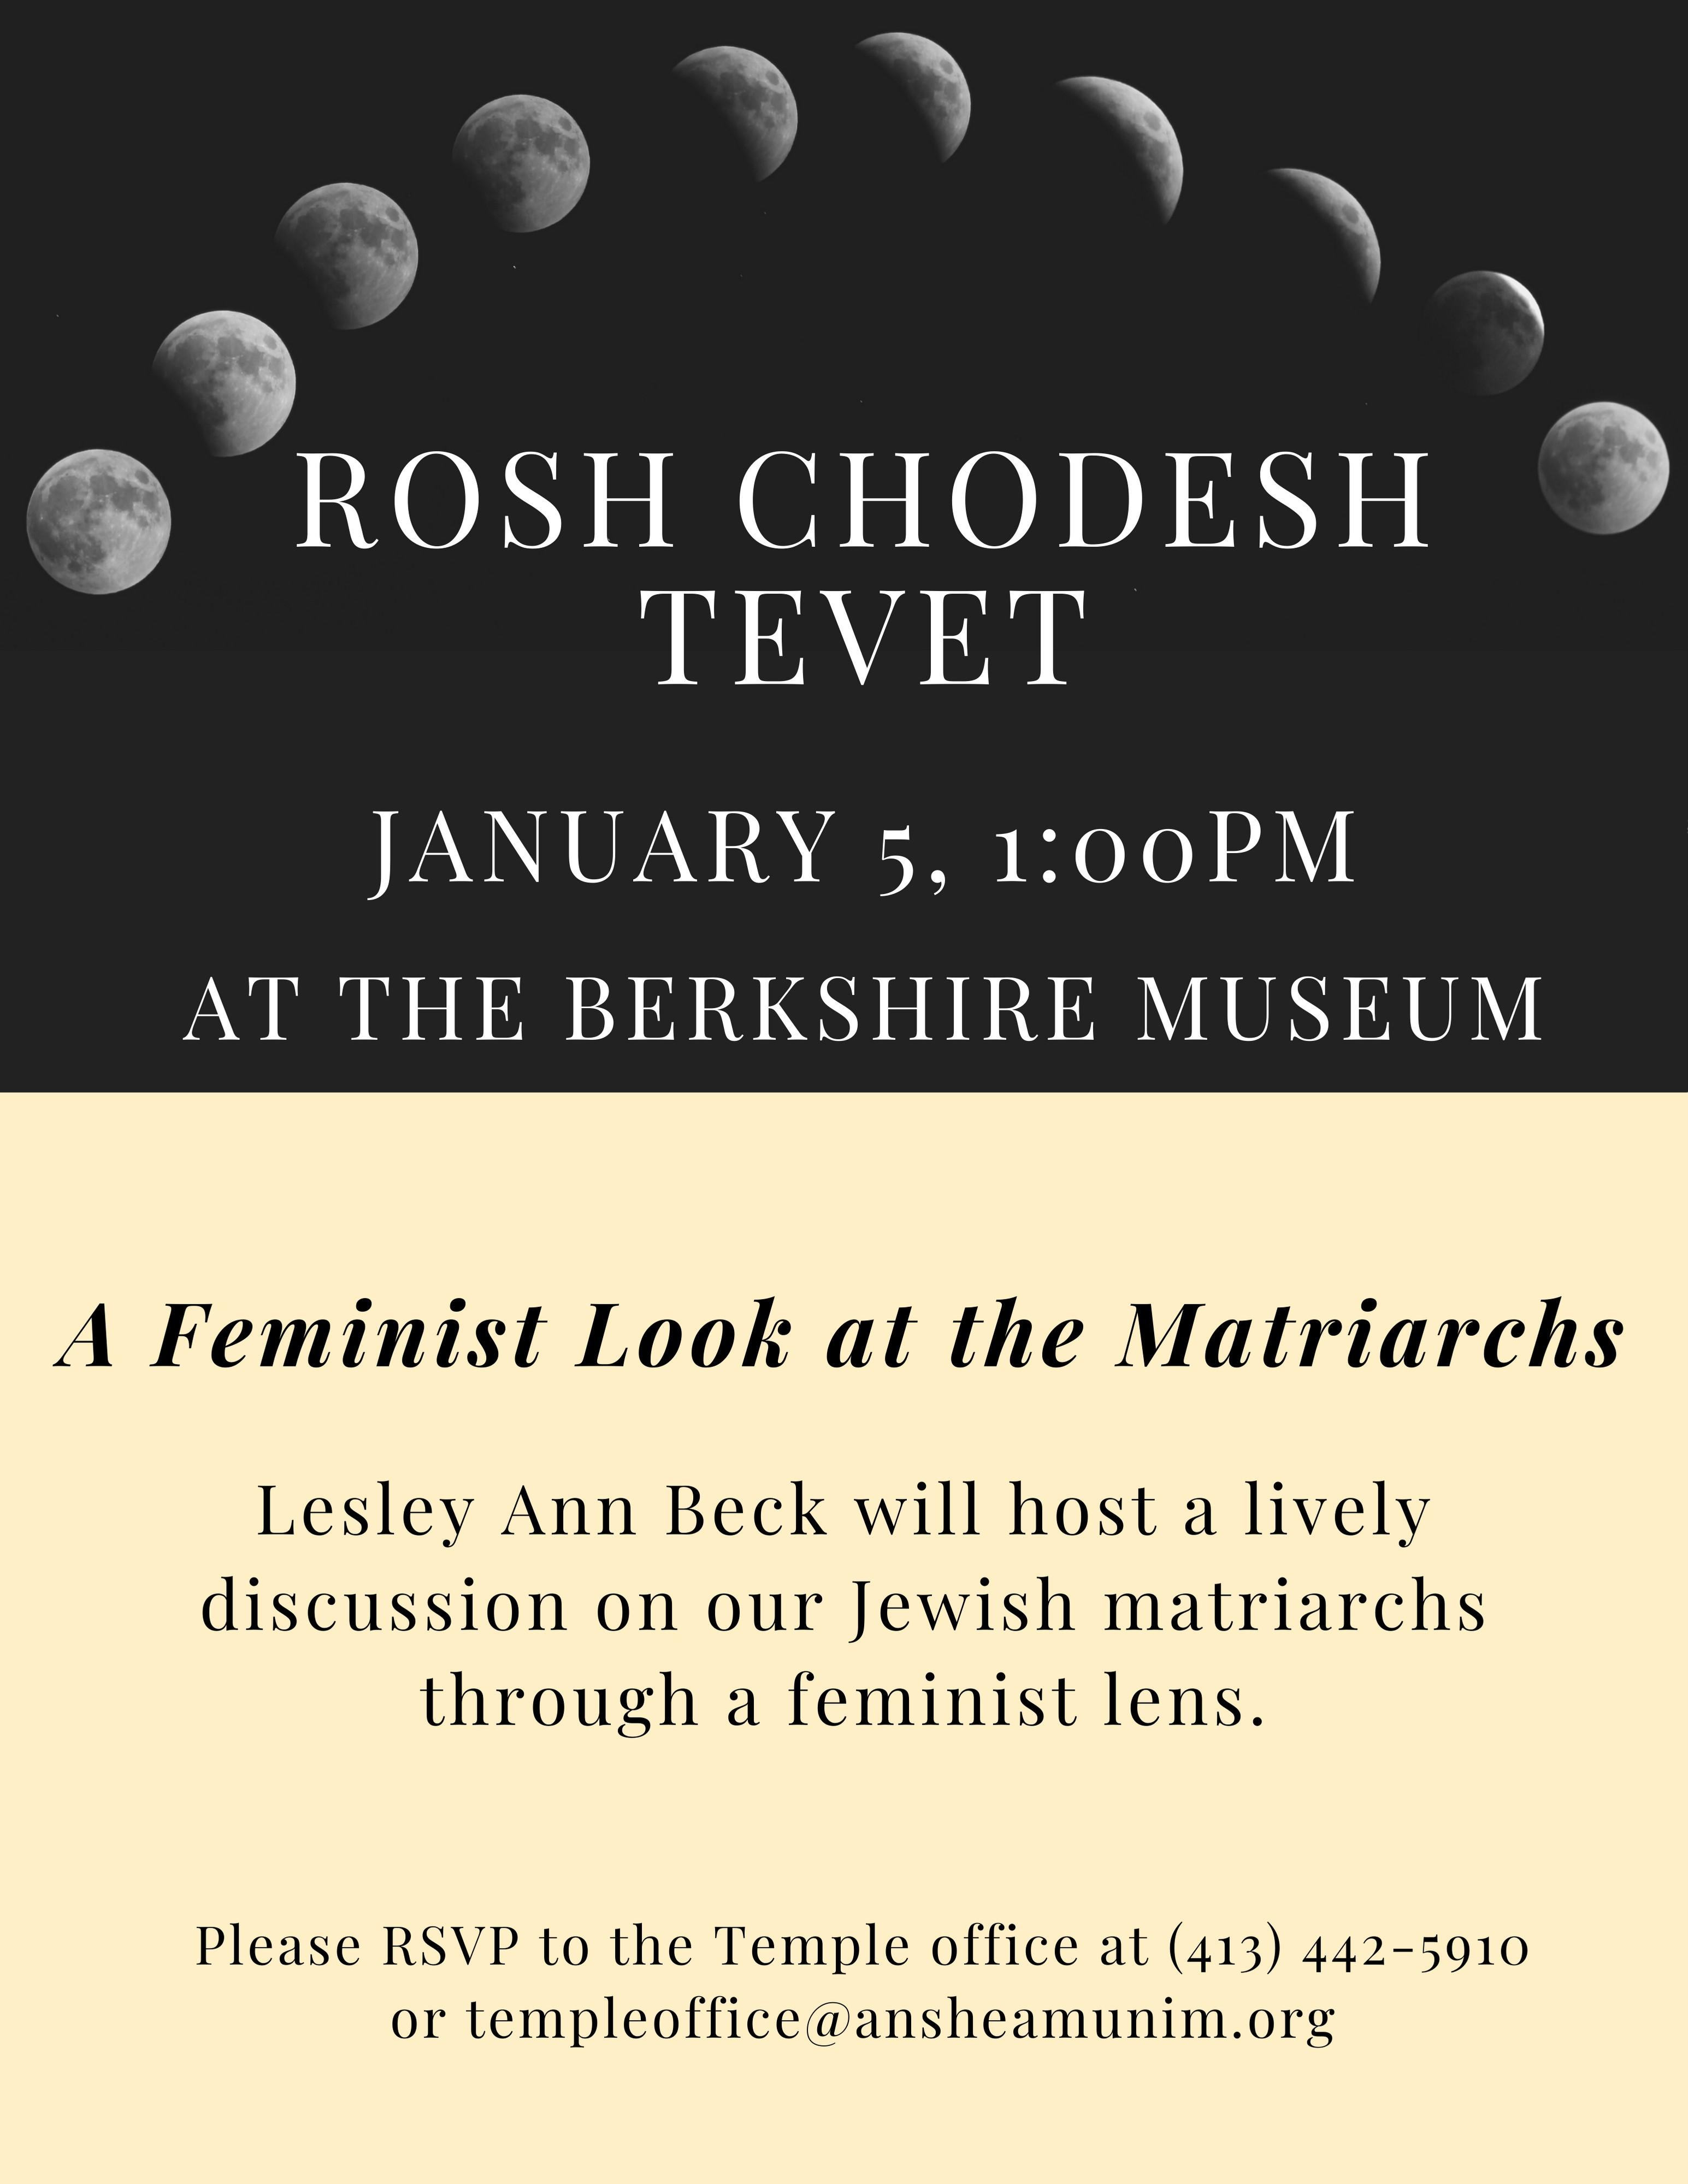 Banner Image for Rosh Chodesh Tevet